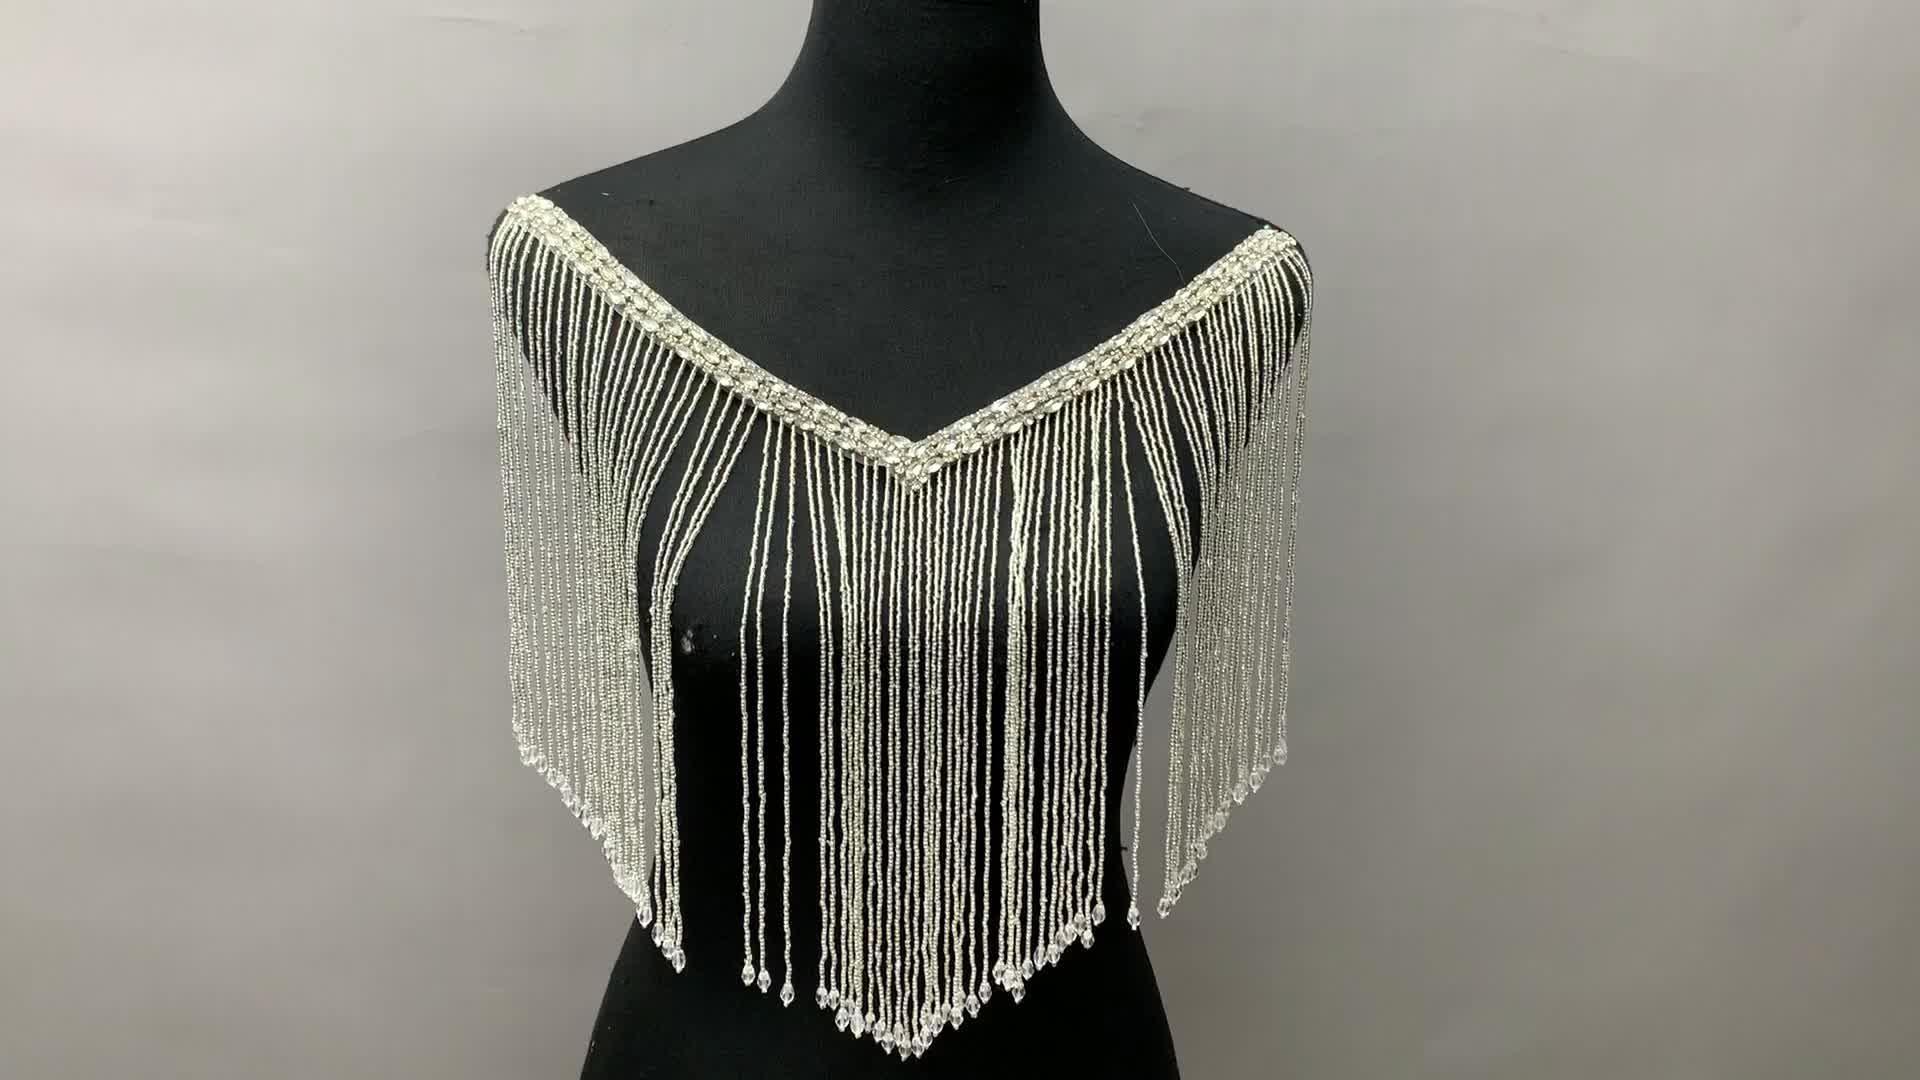 Hotsell toptan boncuklu püskül saçak ve düzeltir gelin düğün akşam elbise taklidi yaka yaka aplike